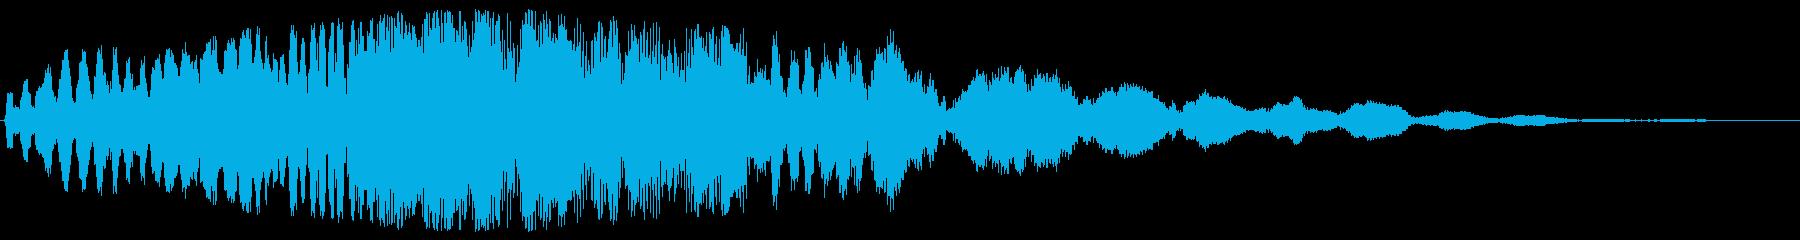 ゲーム 戦いの始まりで武器を出す音の再生済みの波形